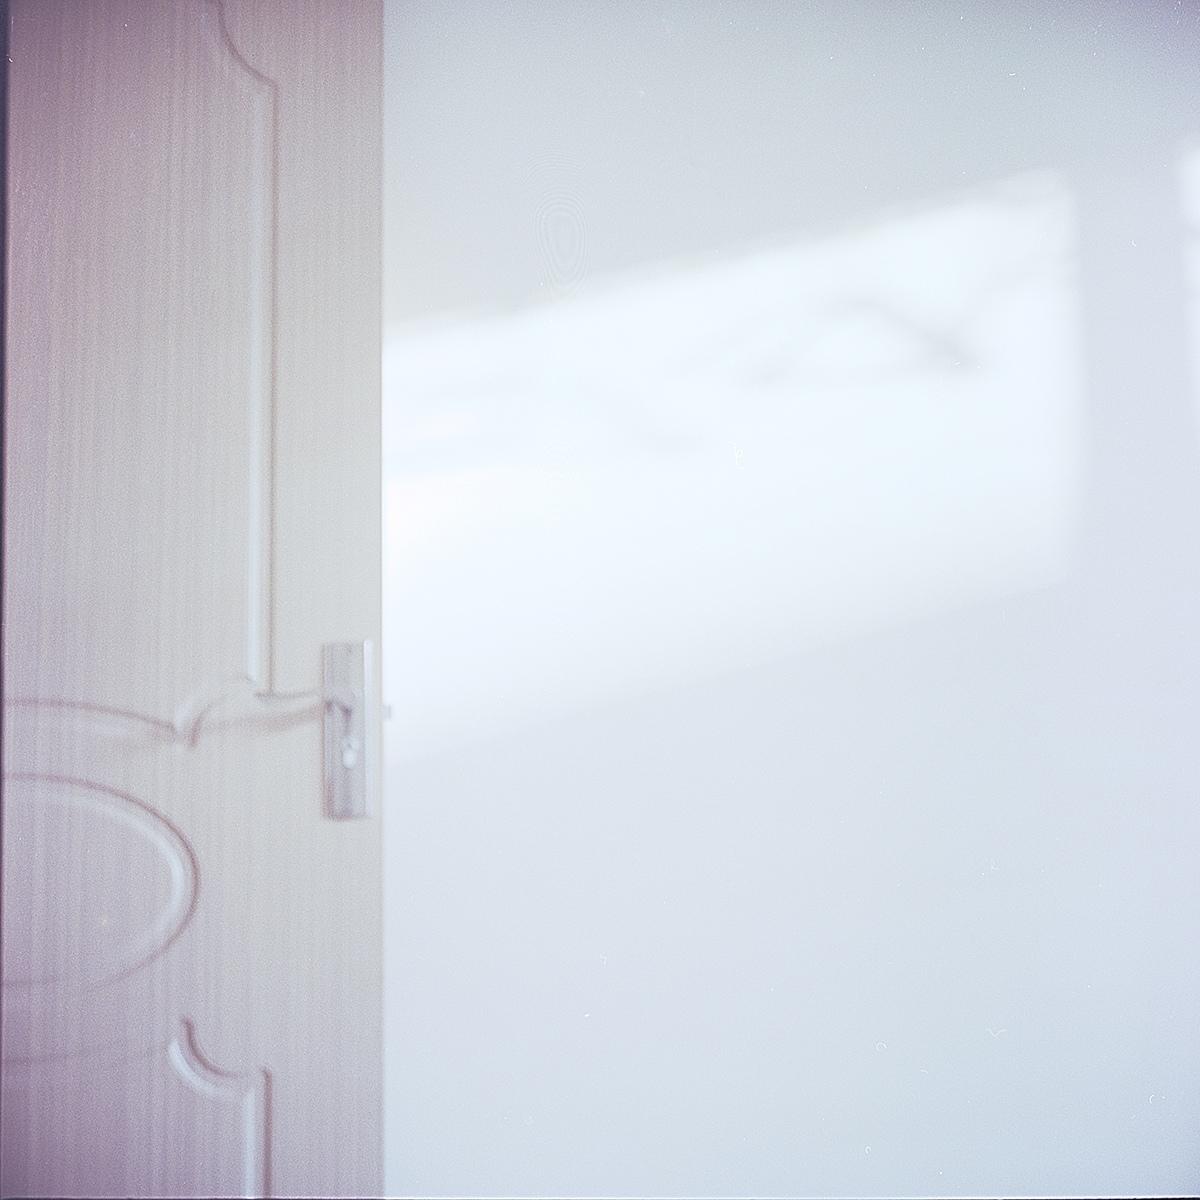 一道时光 @sparklee-菲林中文-独立胶片摄影门户!